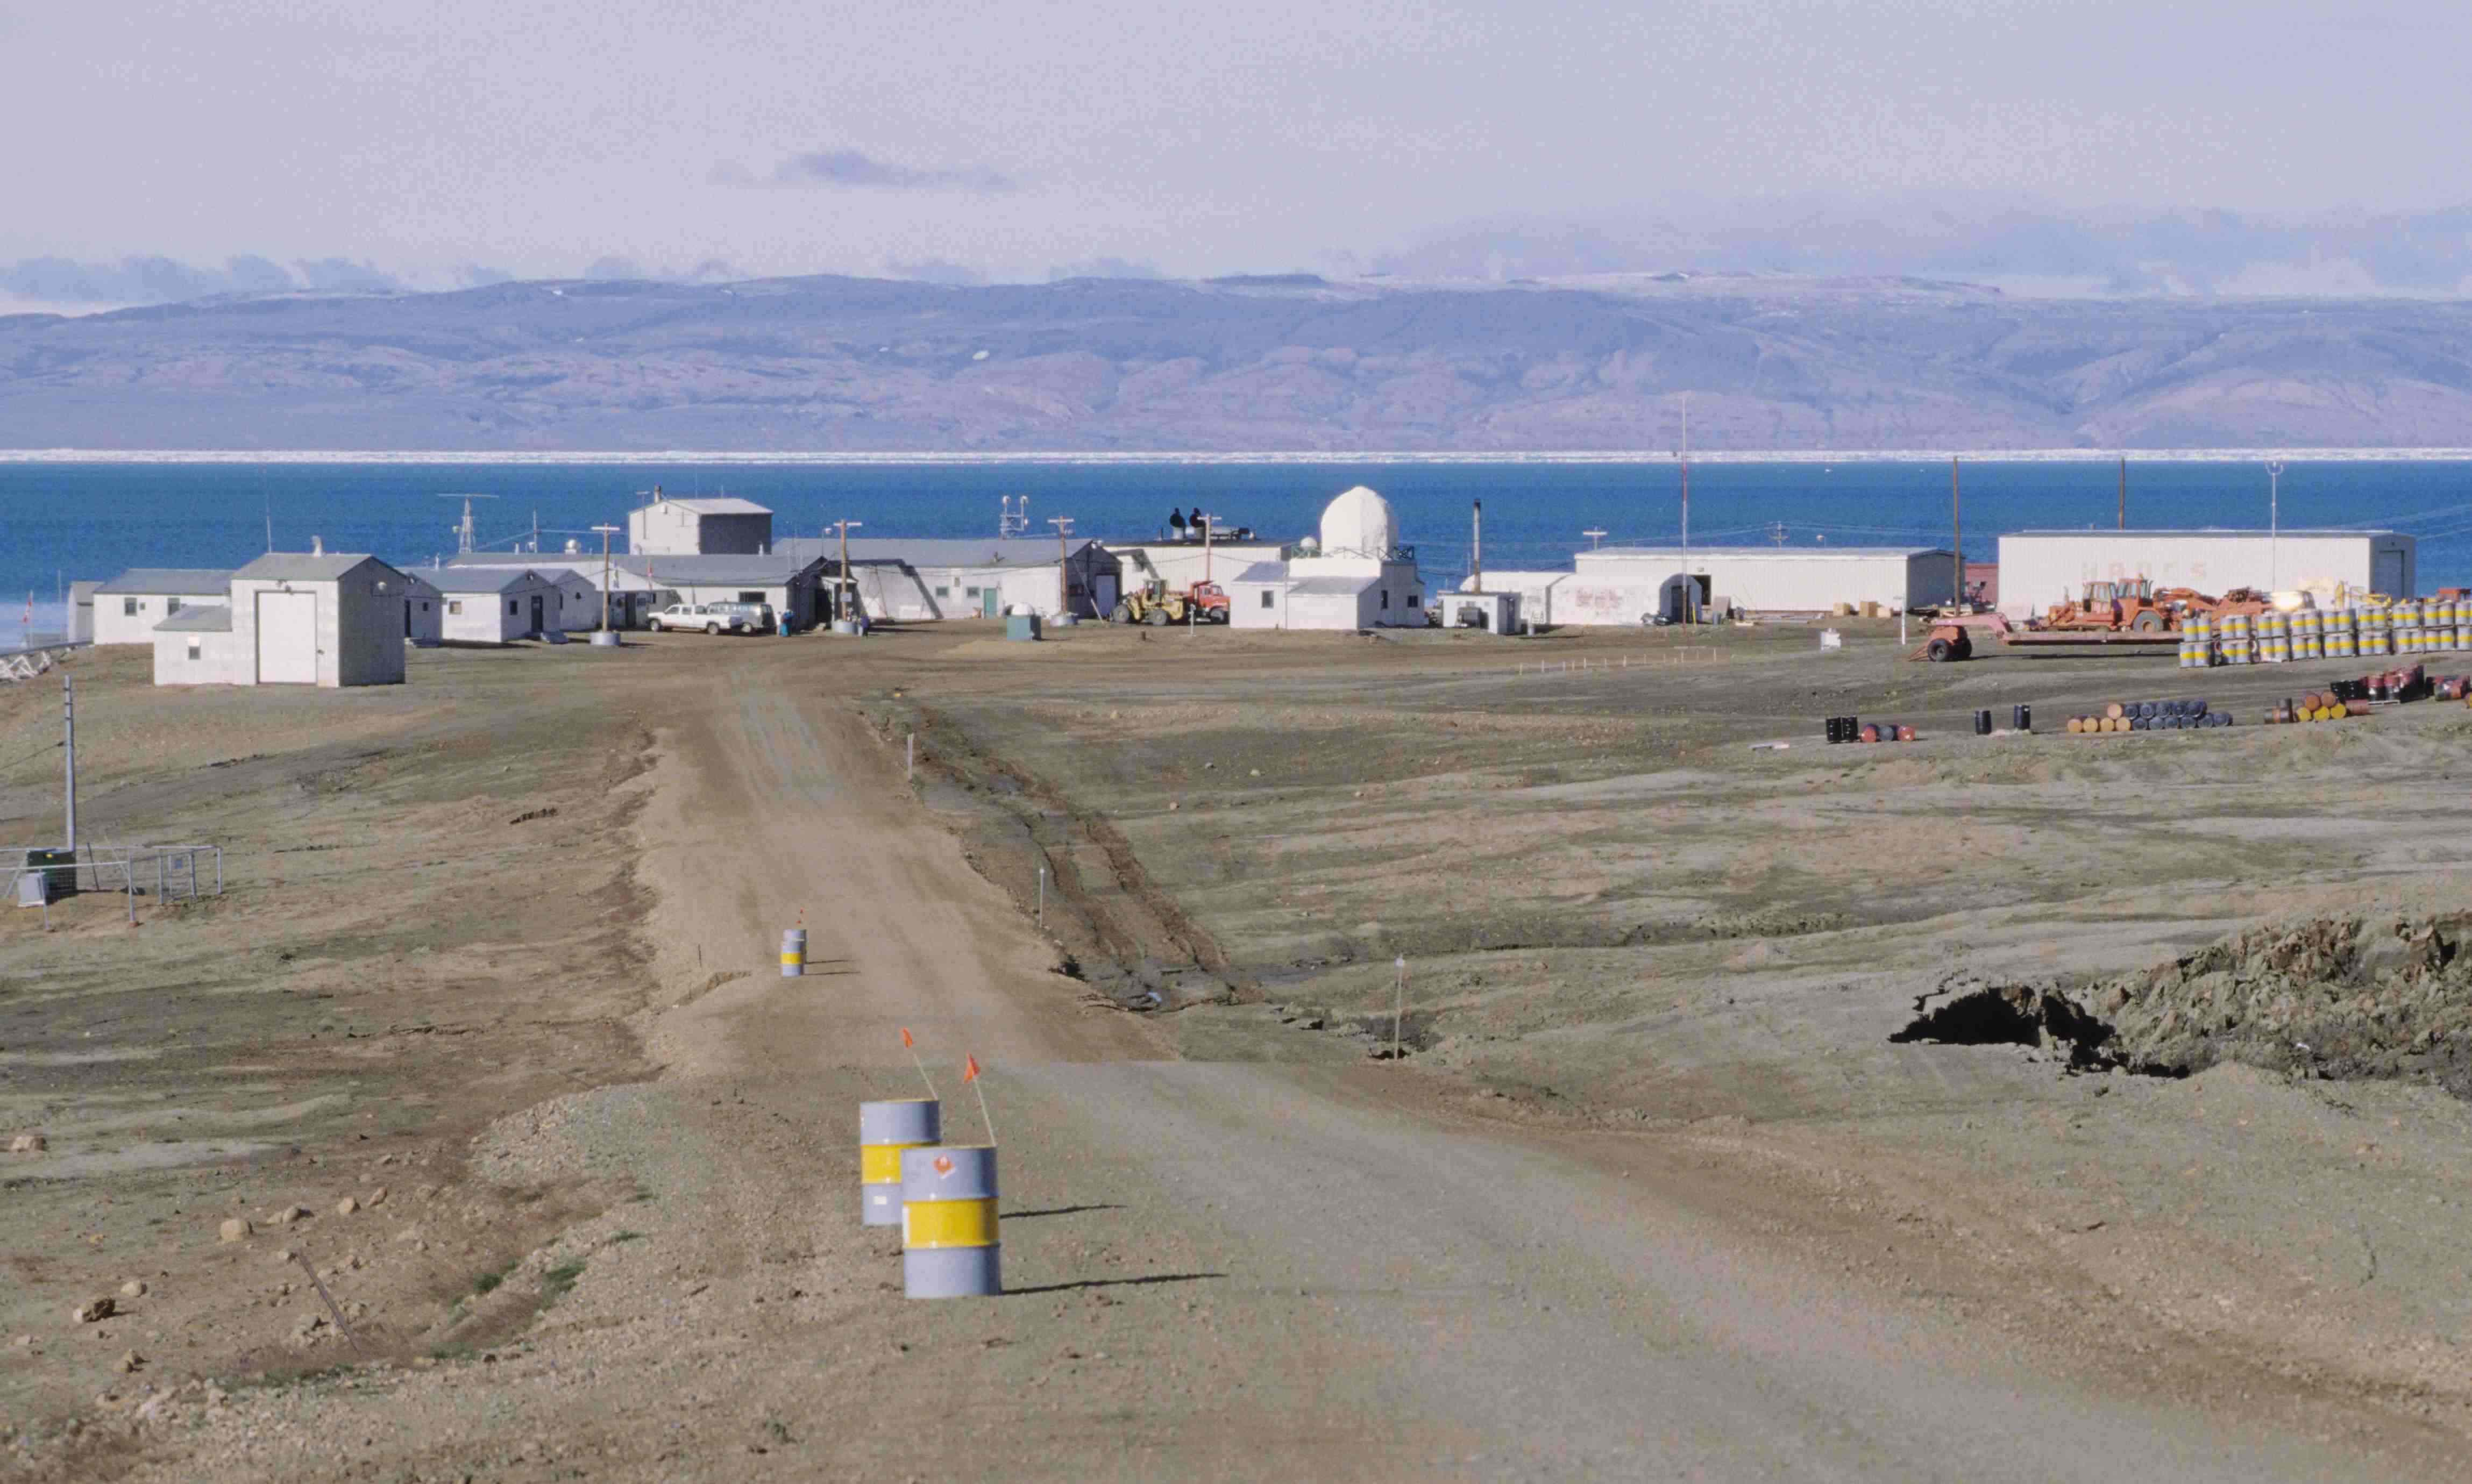 Eureka Nunavut (photo provided by Wikimedia Commons)